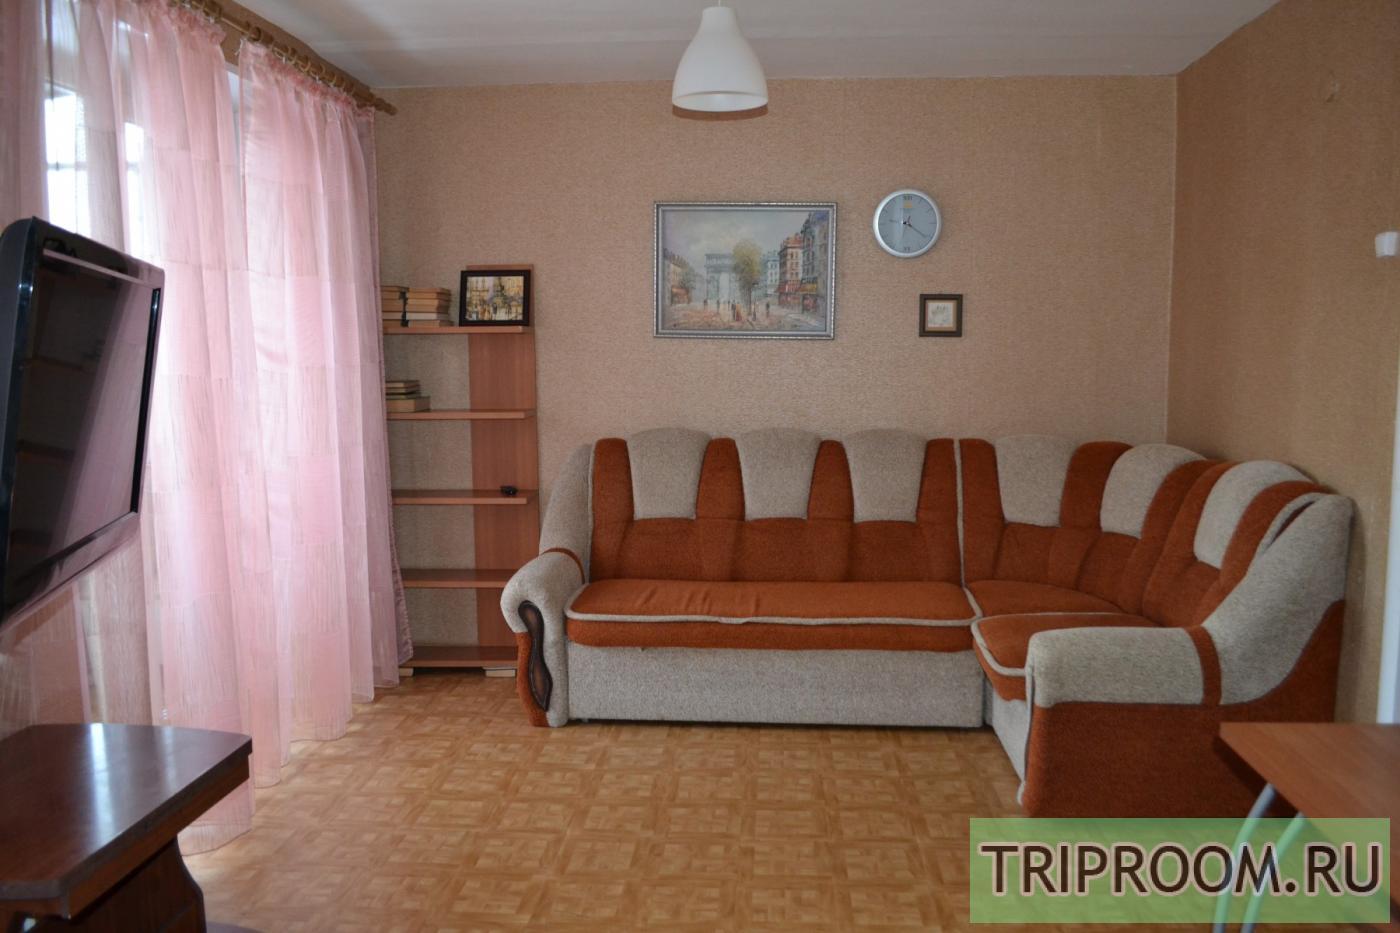 2-комнатная квартира посуточно (вариант № 5718), ул. Воровского улица, фото № 7